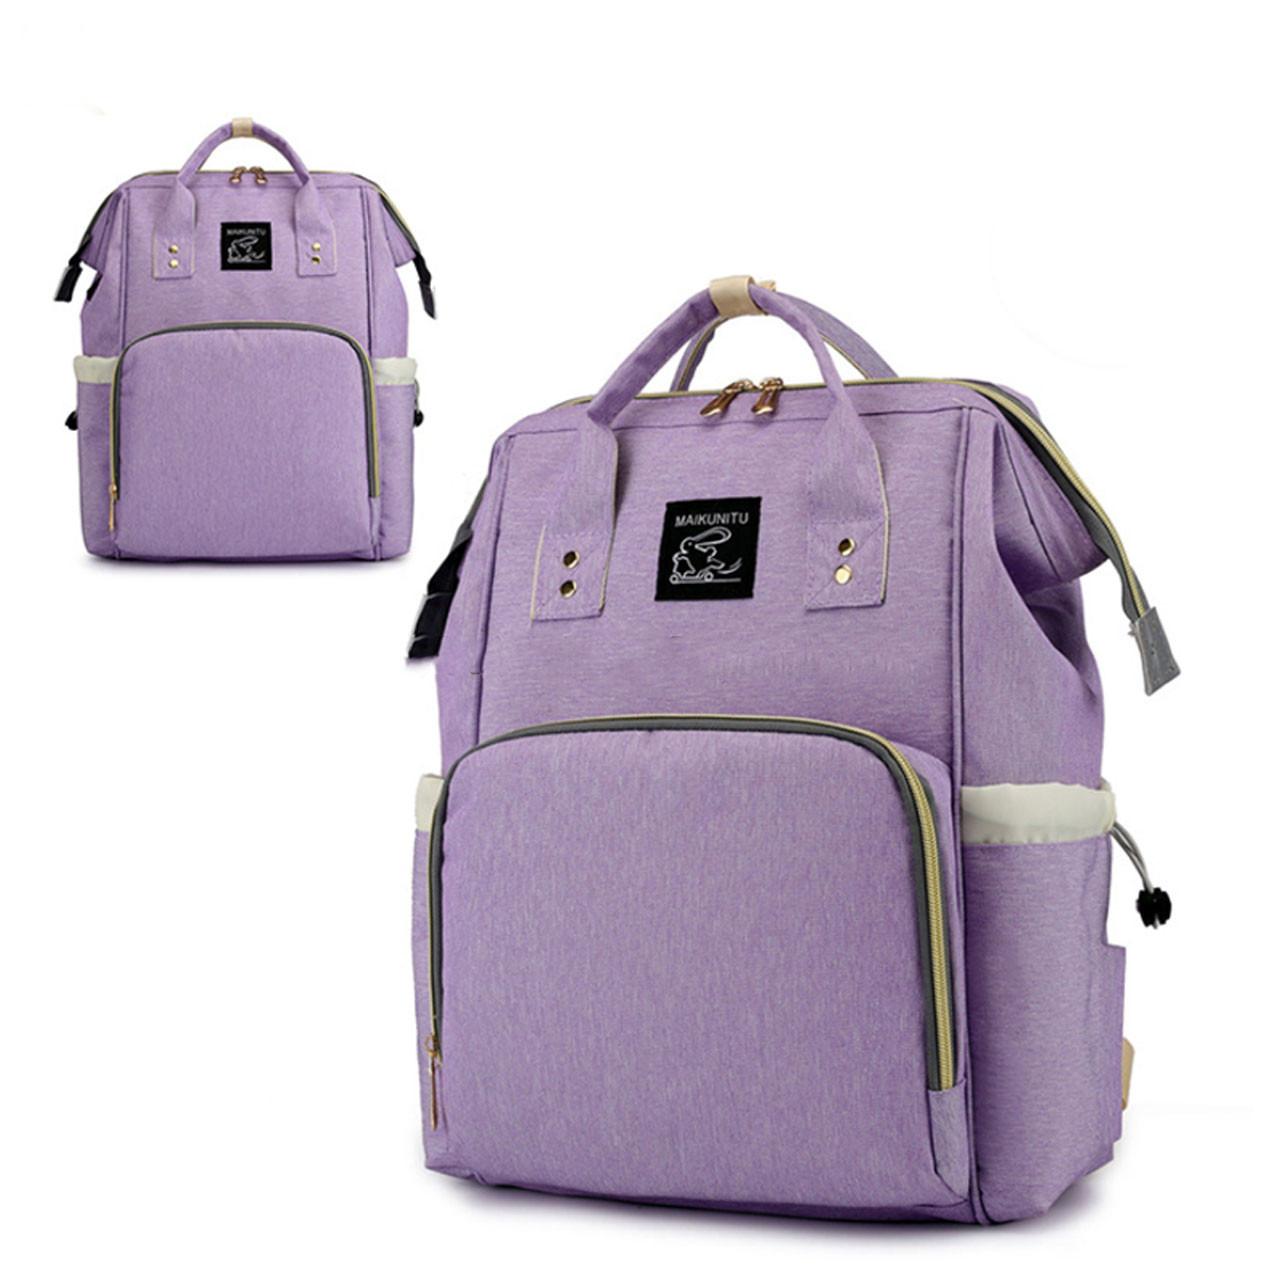 ✸Сумка для молодых мам Maikunitu Mummy Bag Purple городской рюкзак для хранения детских вещей с термокарманами